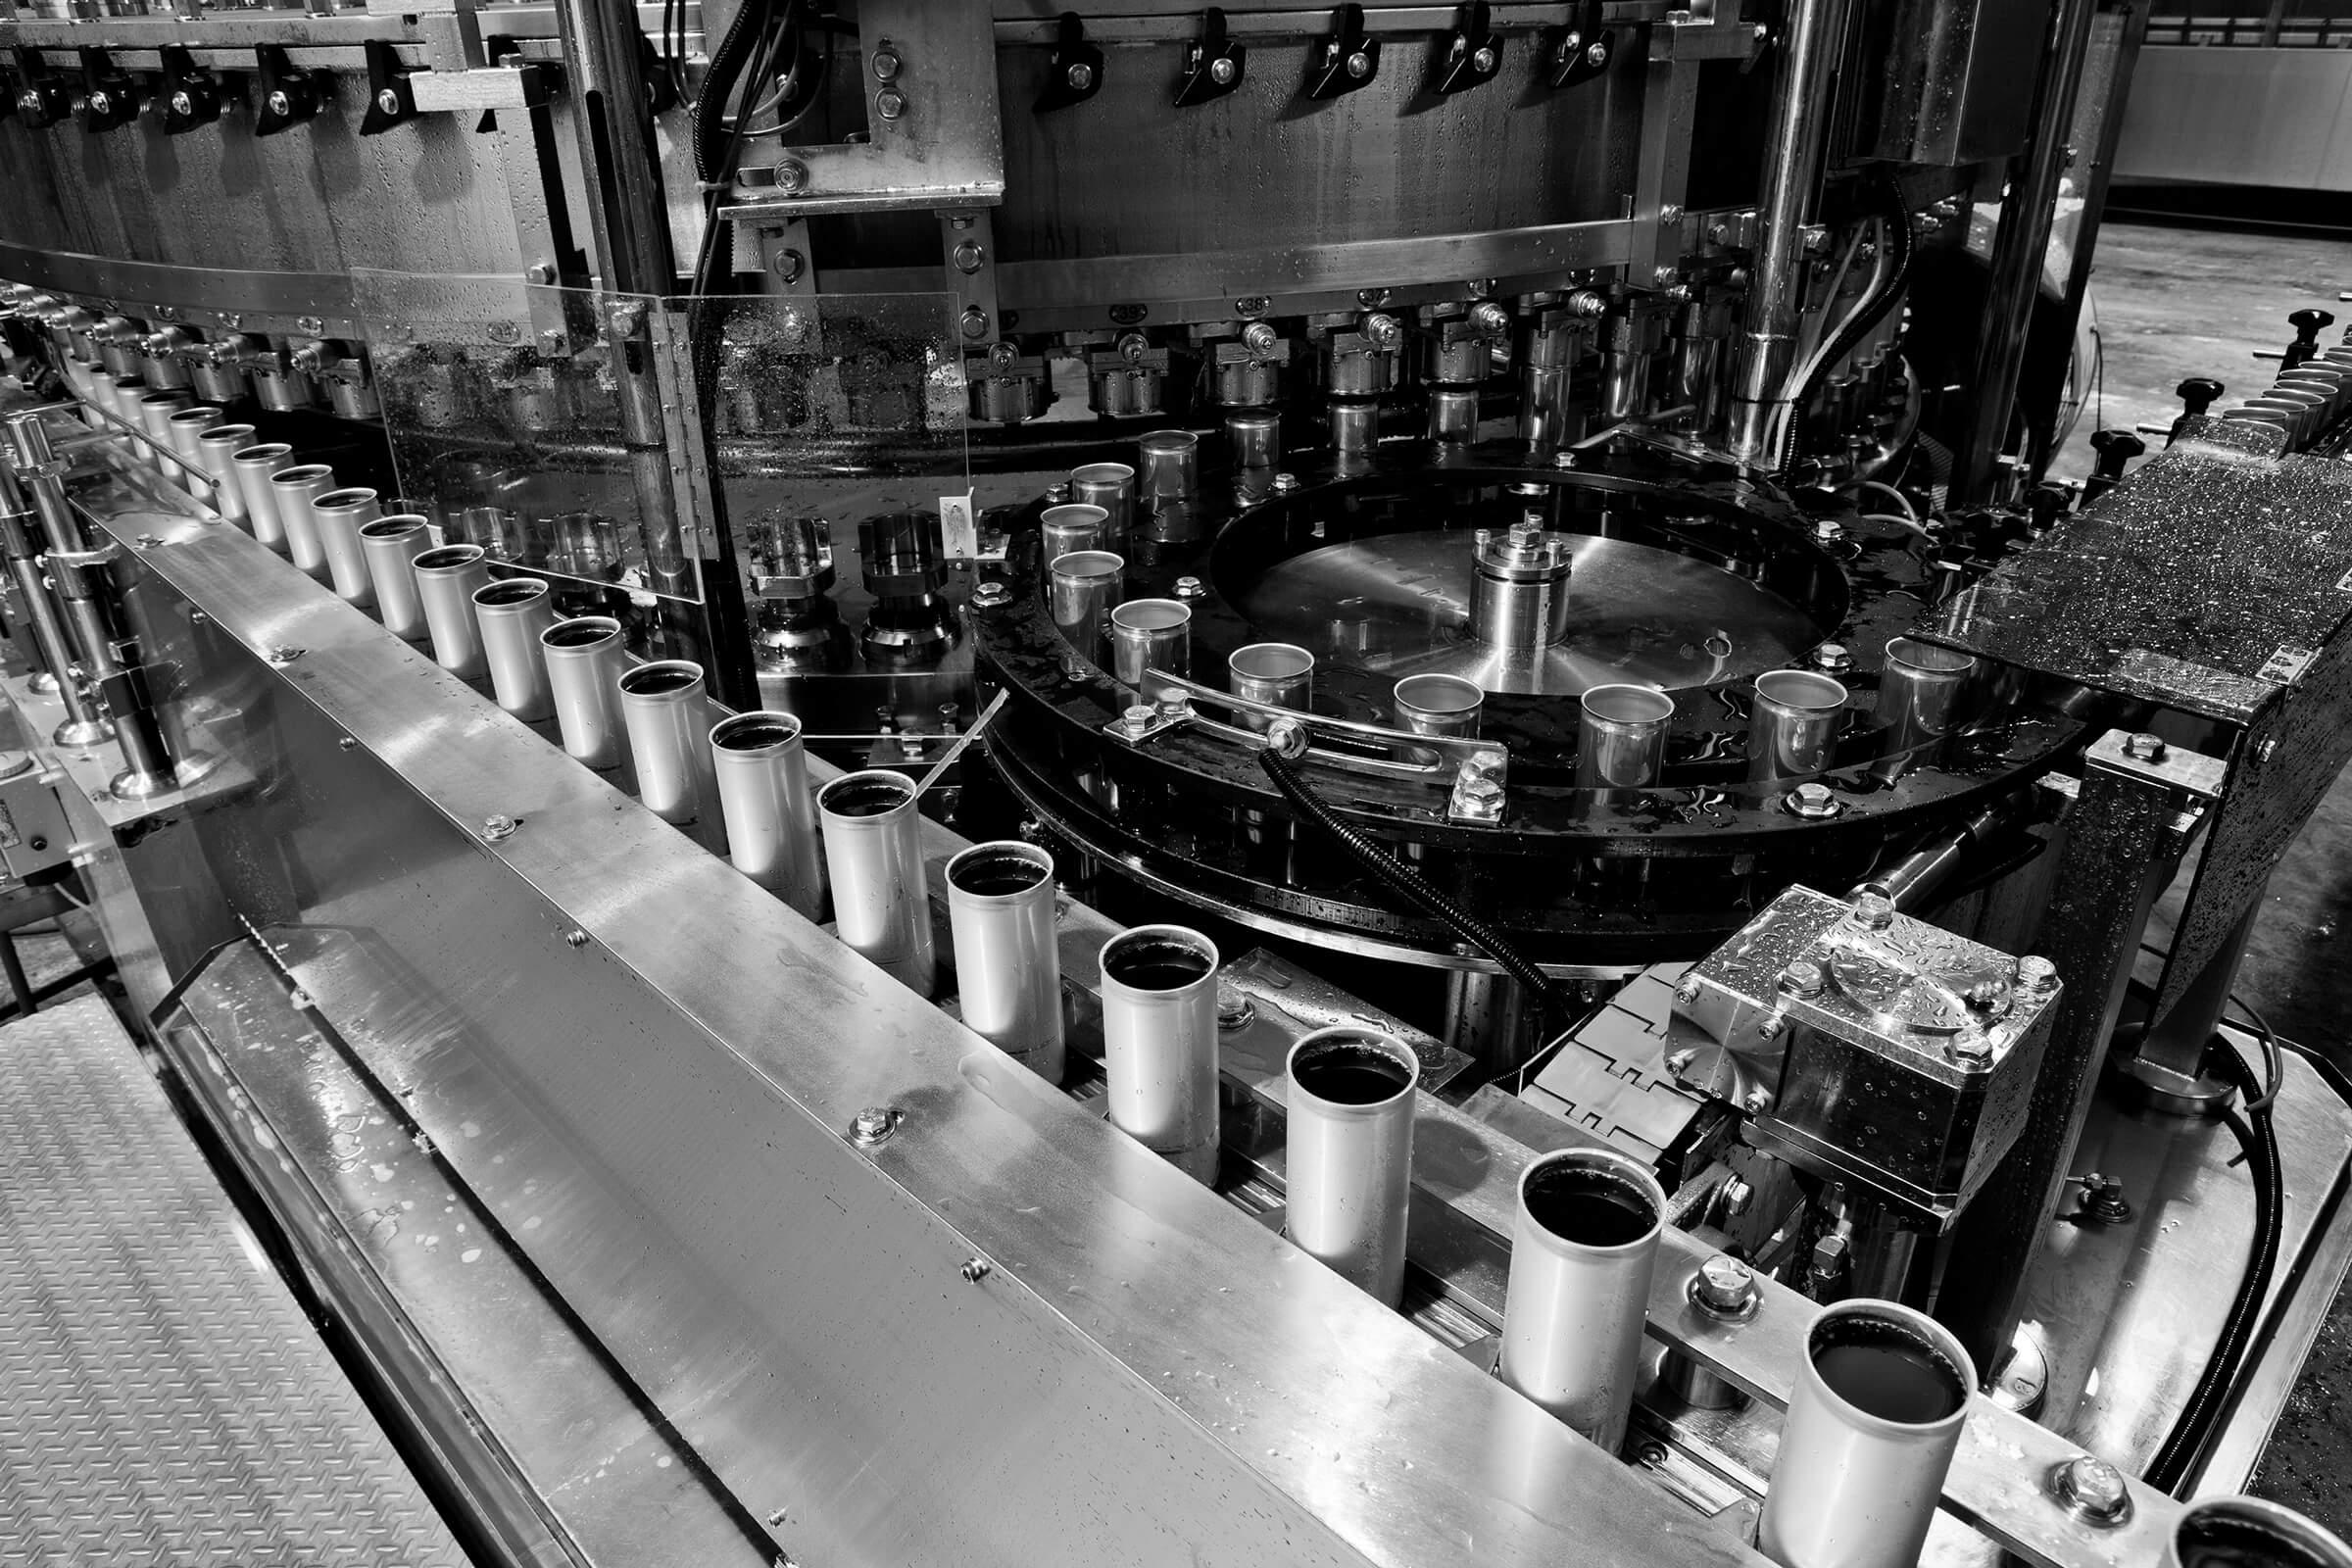 Getränke Aluminiumdosen Abfüllung Ausschuss